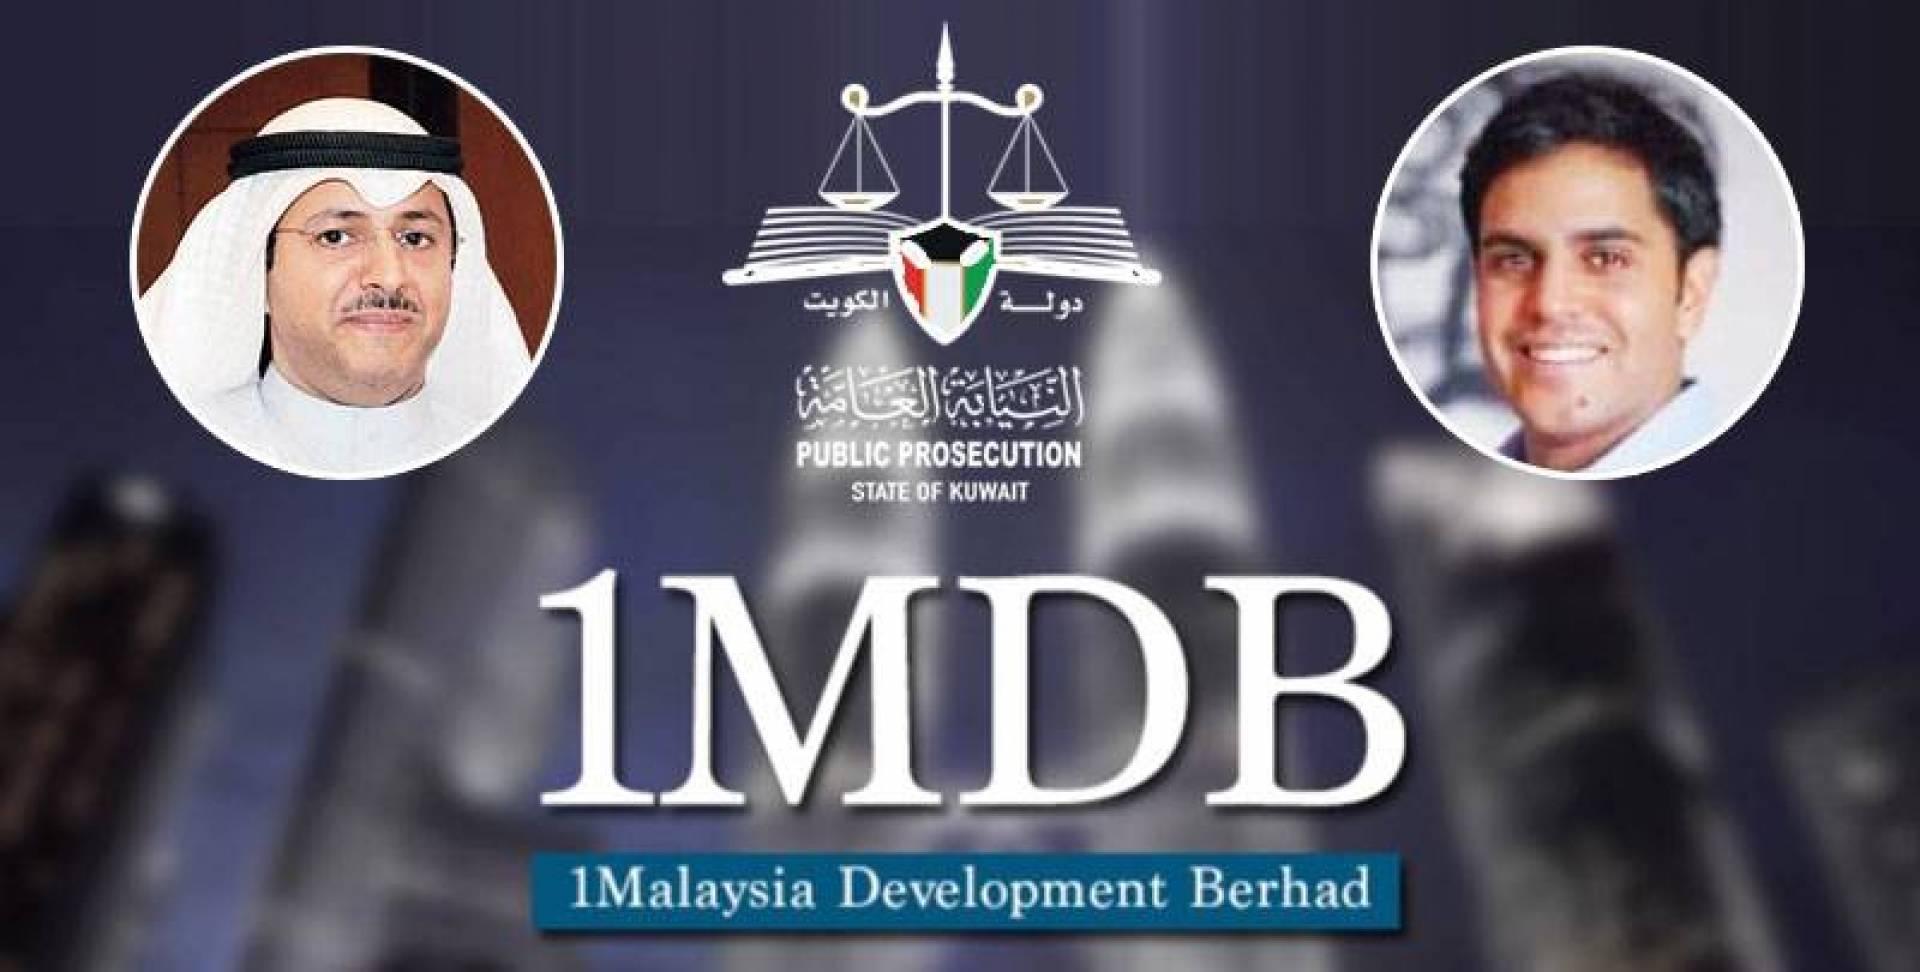 دَكُّ رؤوس «الصندوق الماليزي» بالكويت